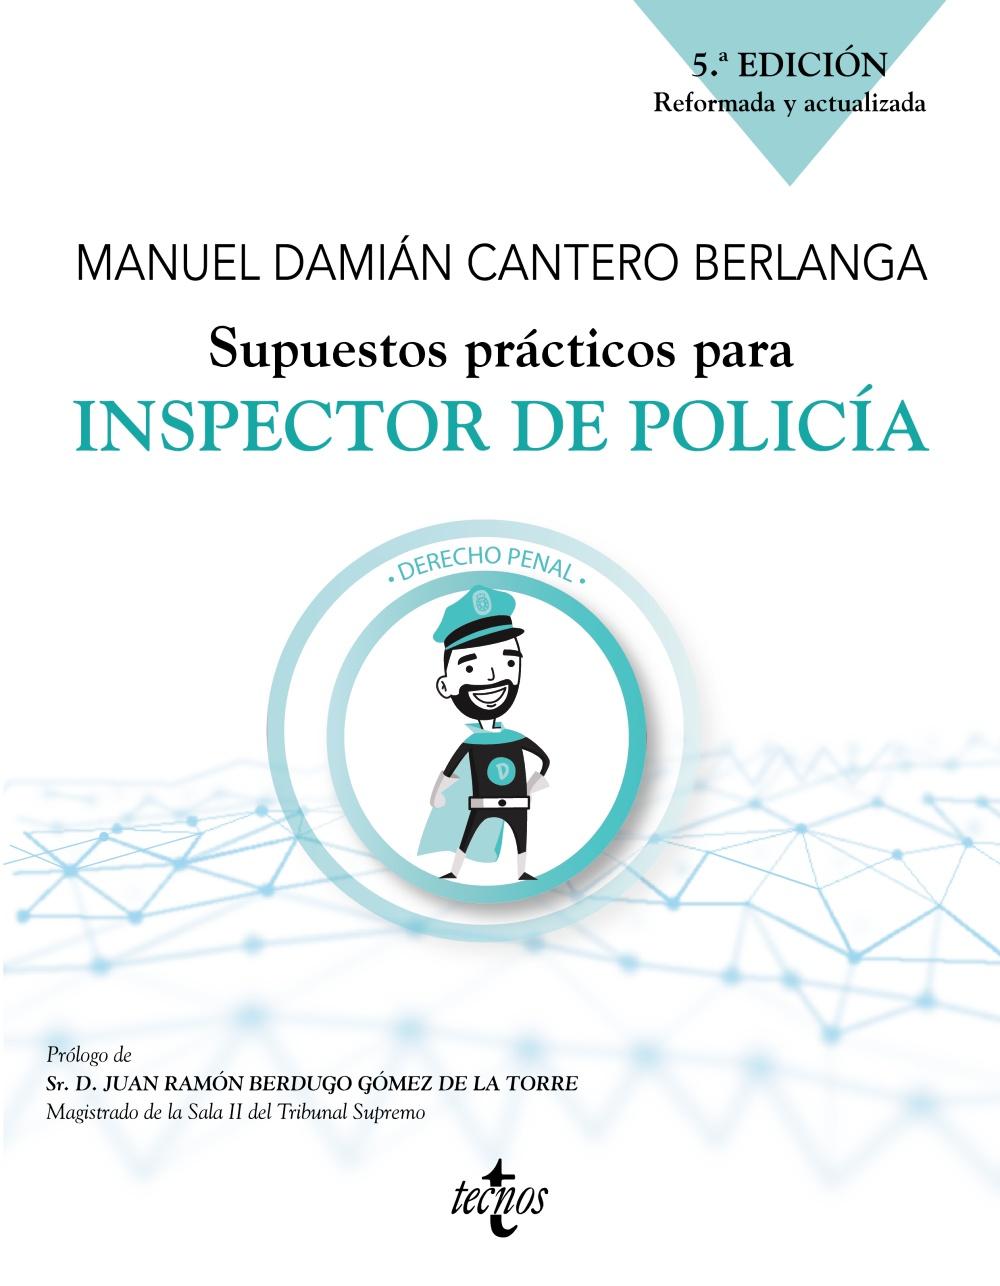 Supuestos prácticos para inspector de policía